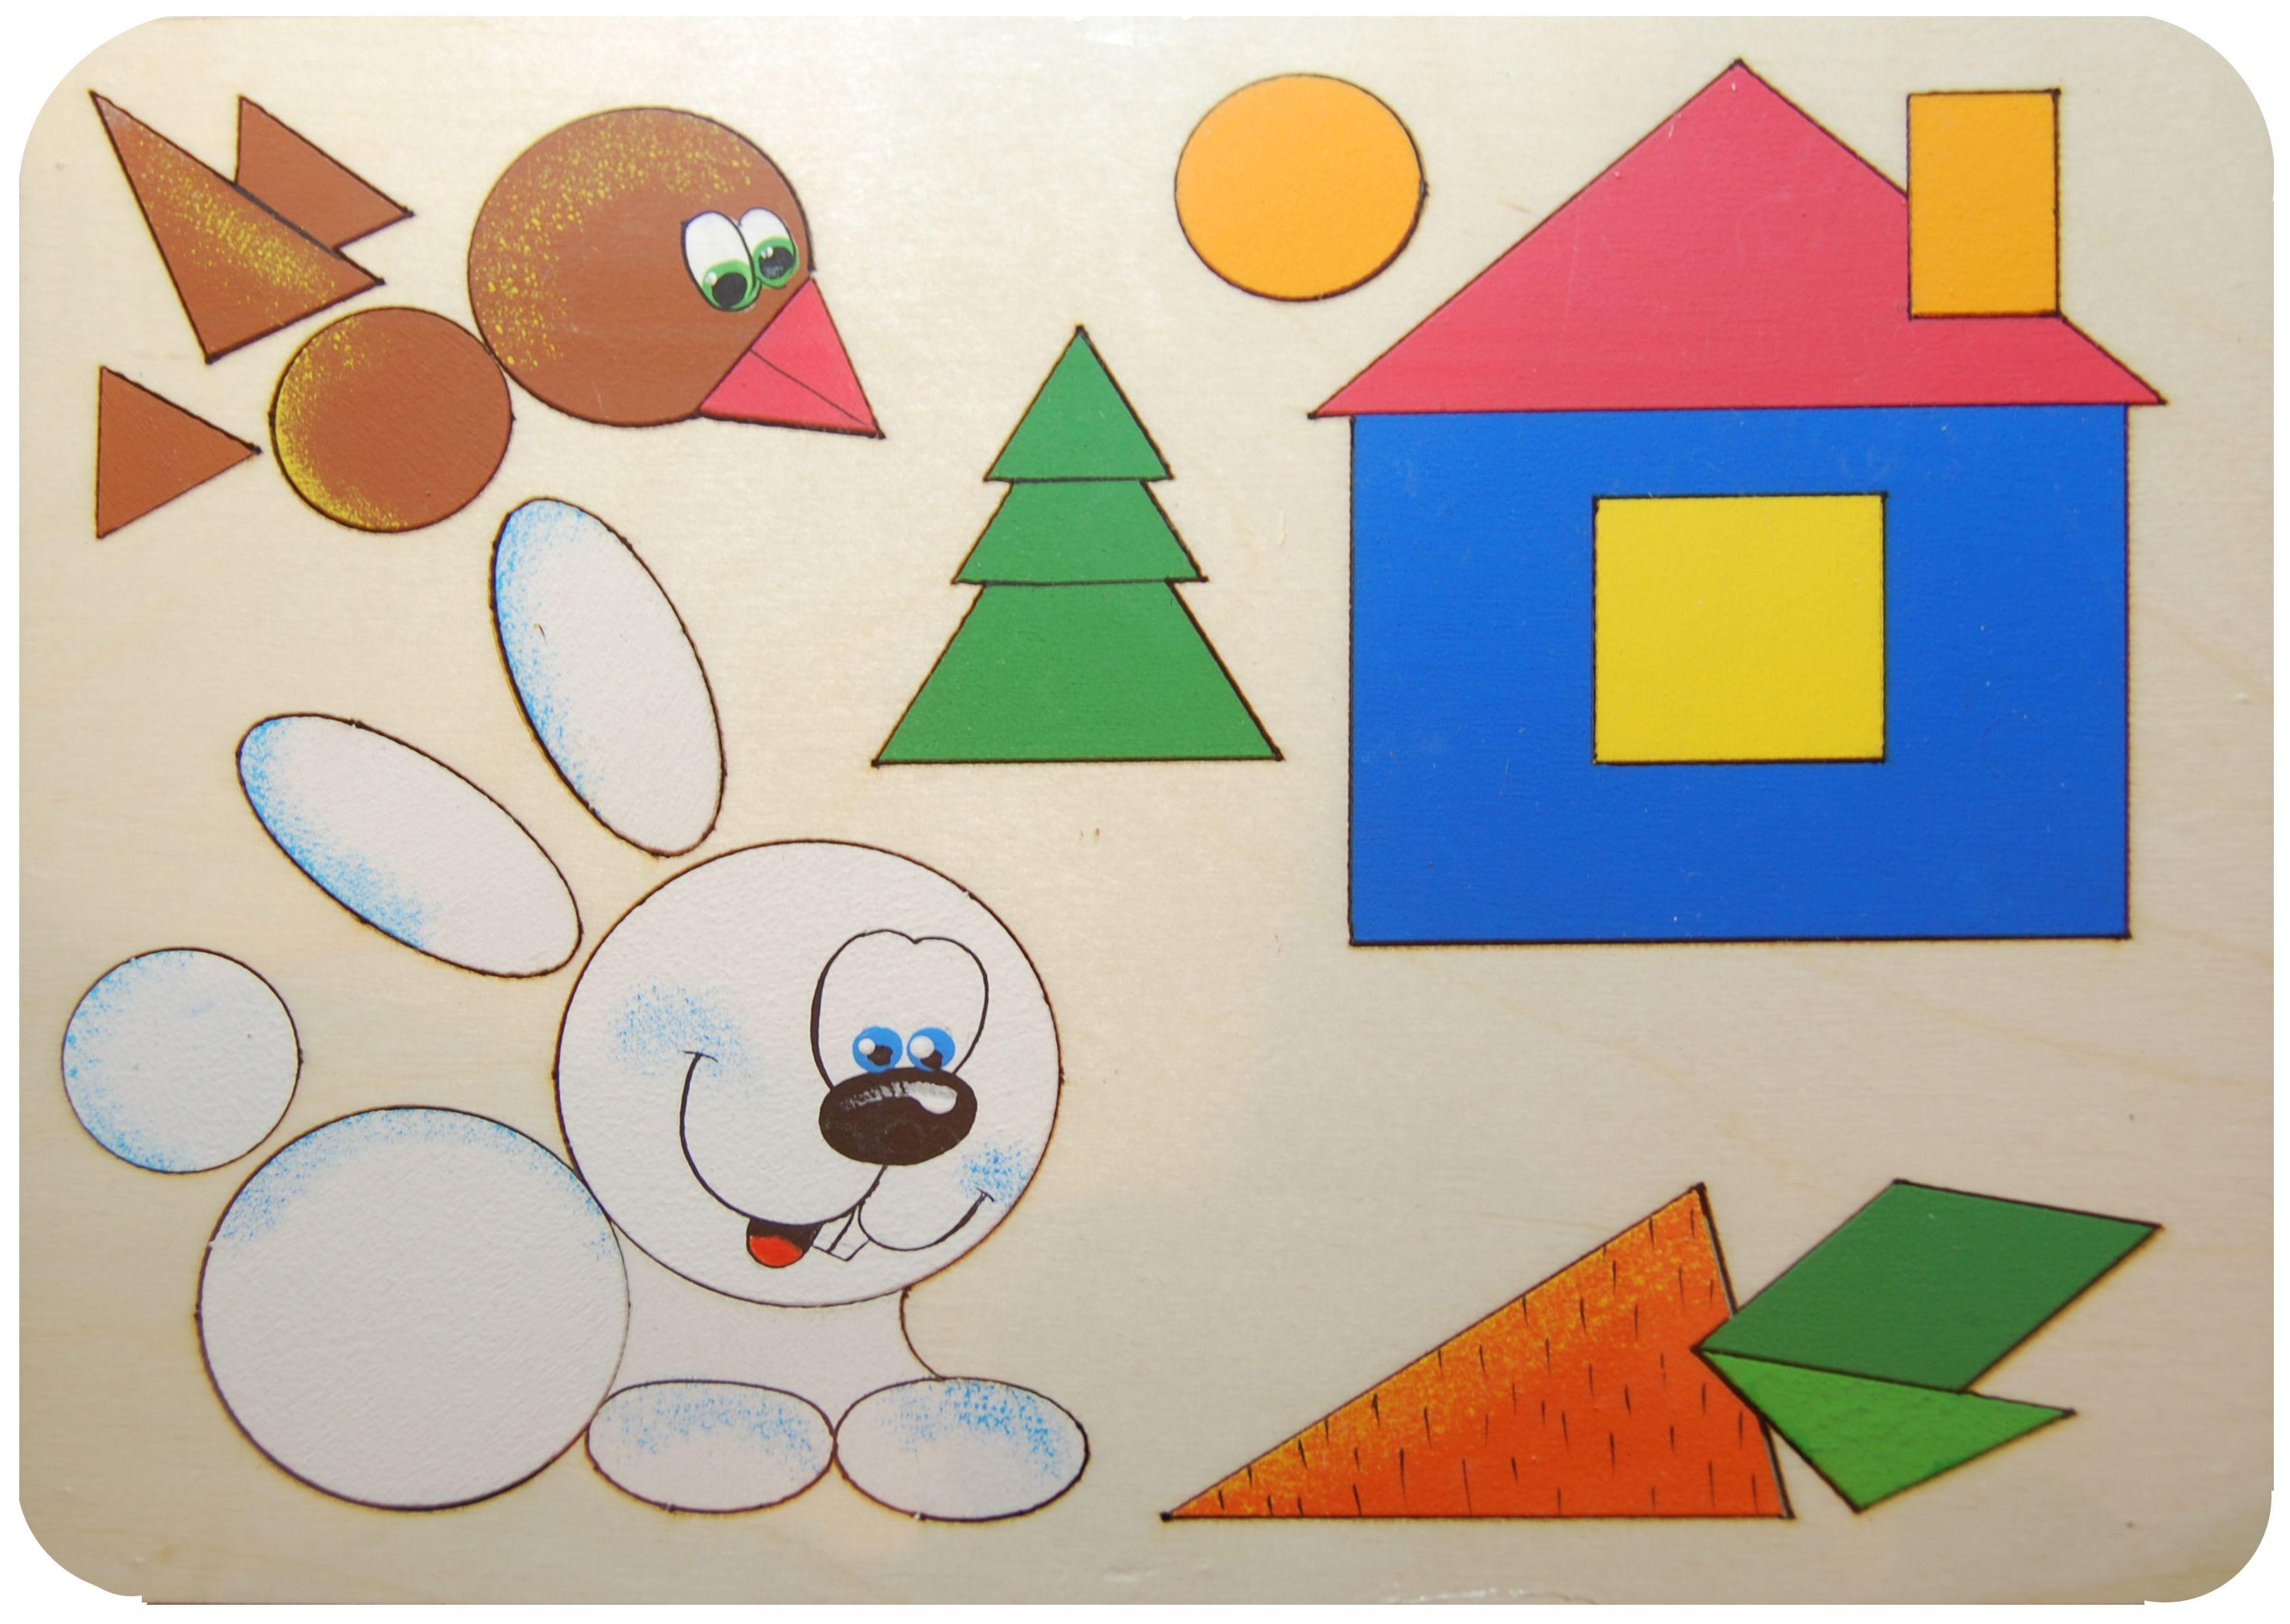 Конструирование веселых открыток с окошком 3 класс конспект урока, привет картинка анимационные